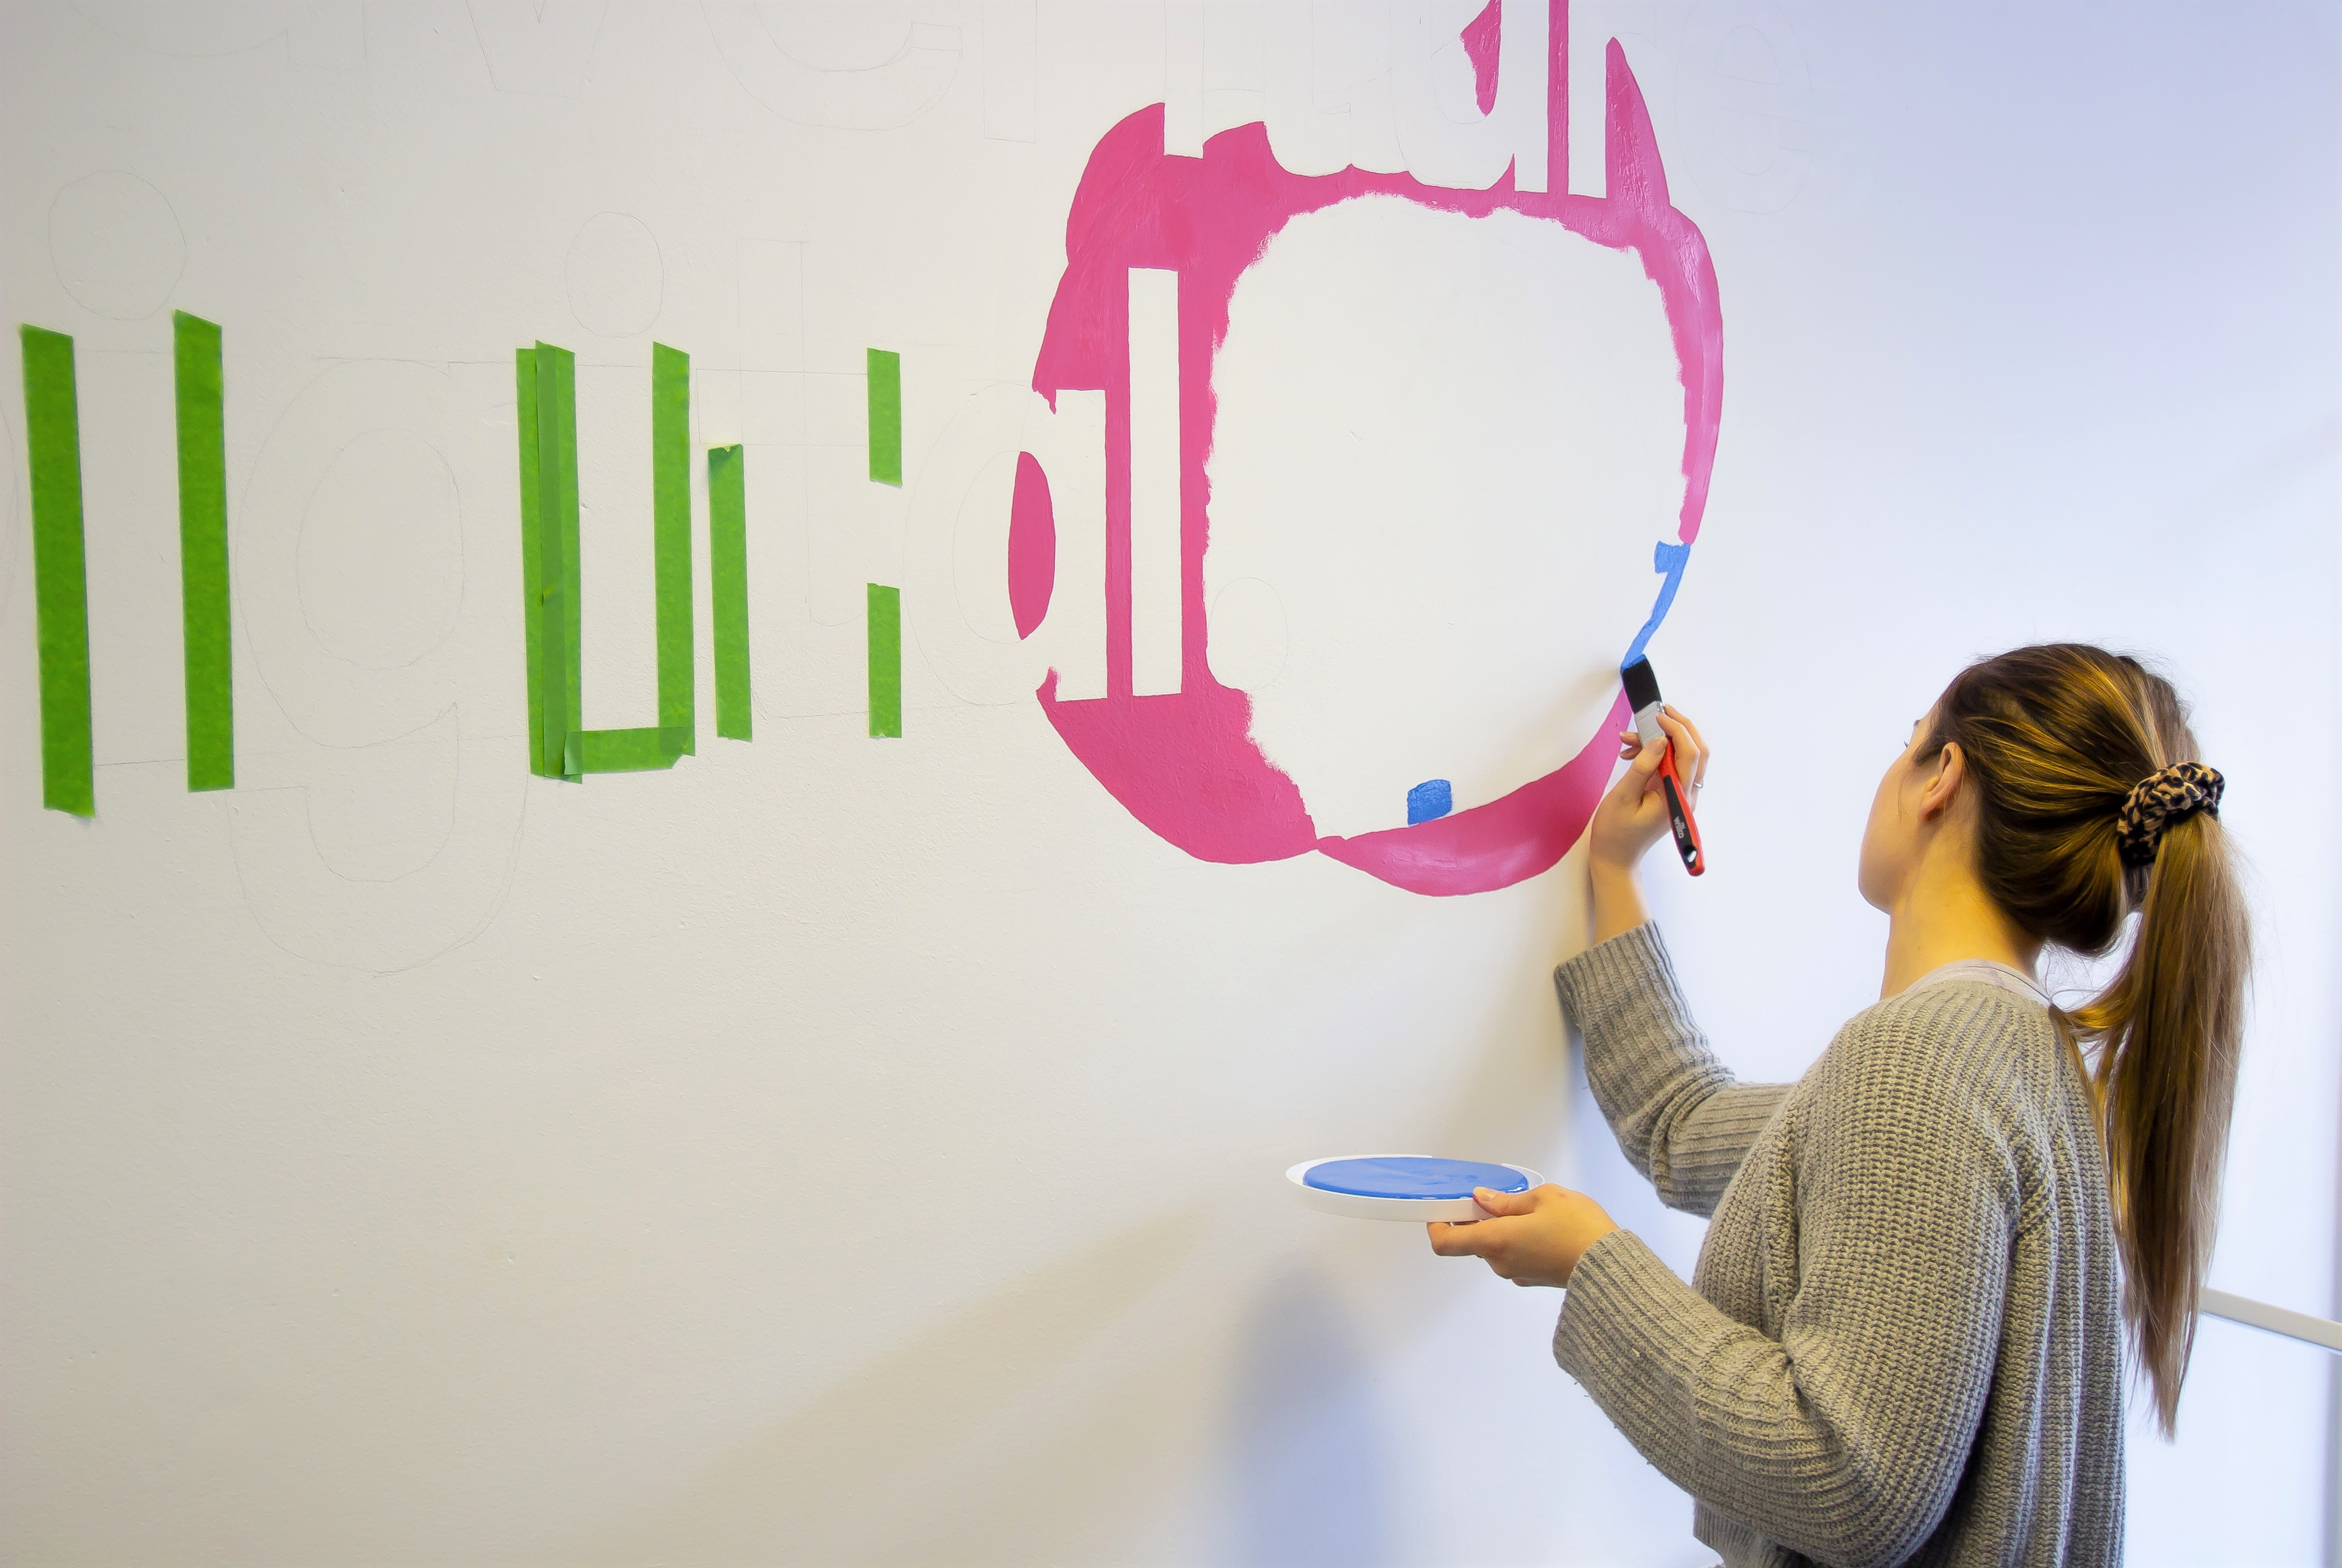 Adventure Digital Agency Logo Being Painted